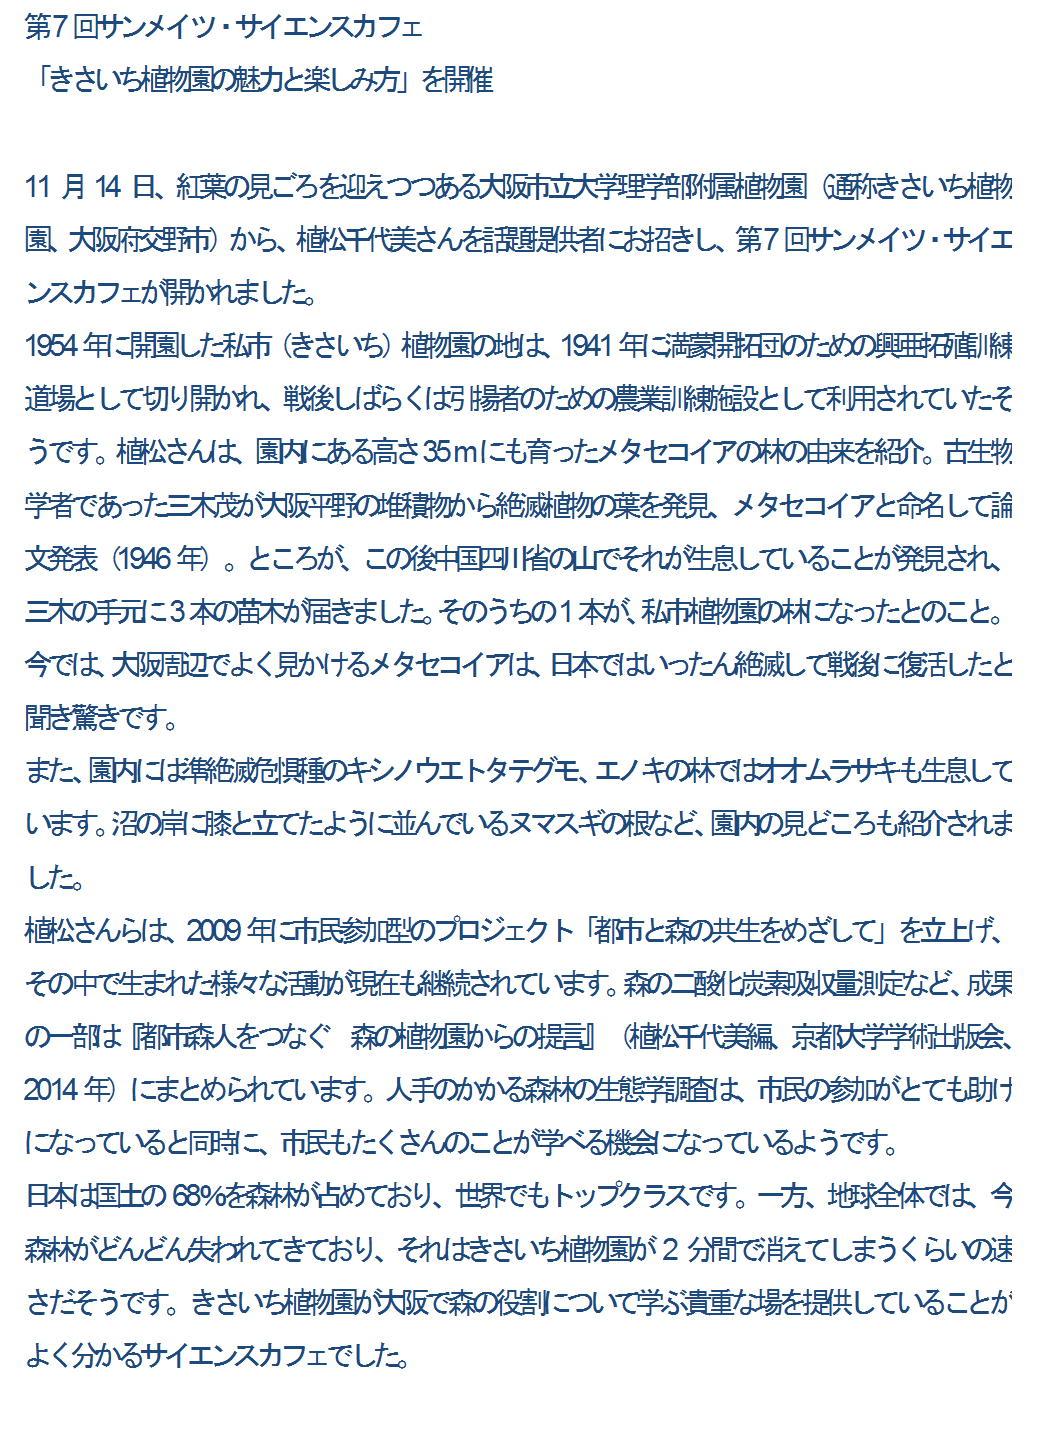 7_fig0015.jpg